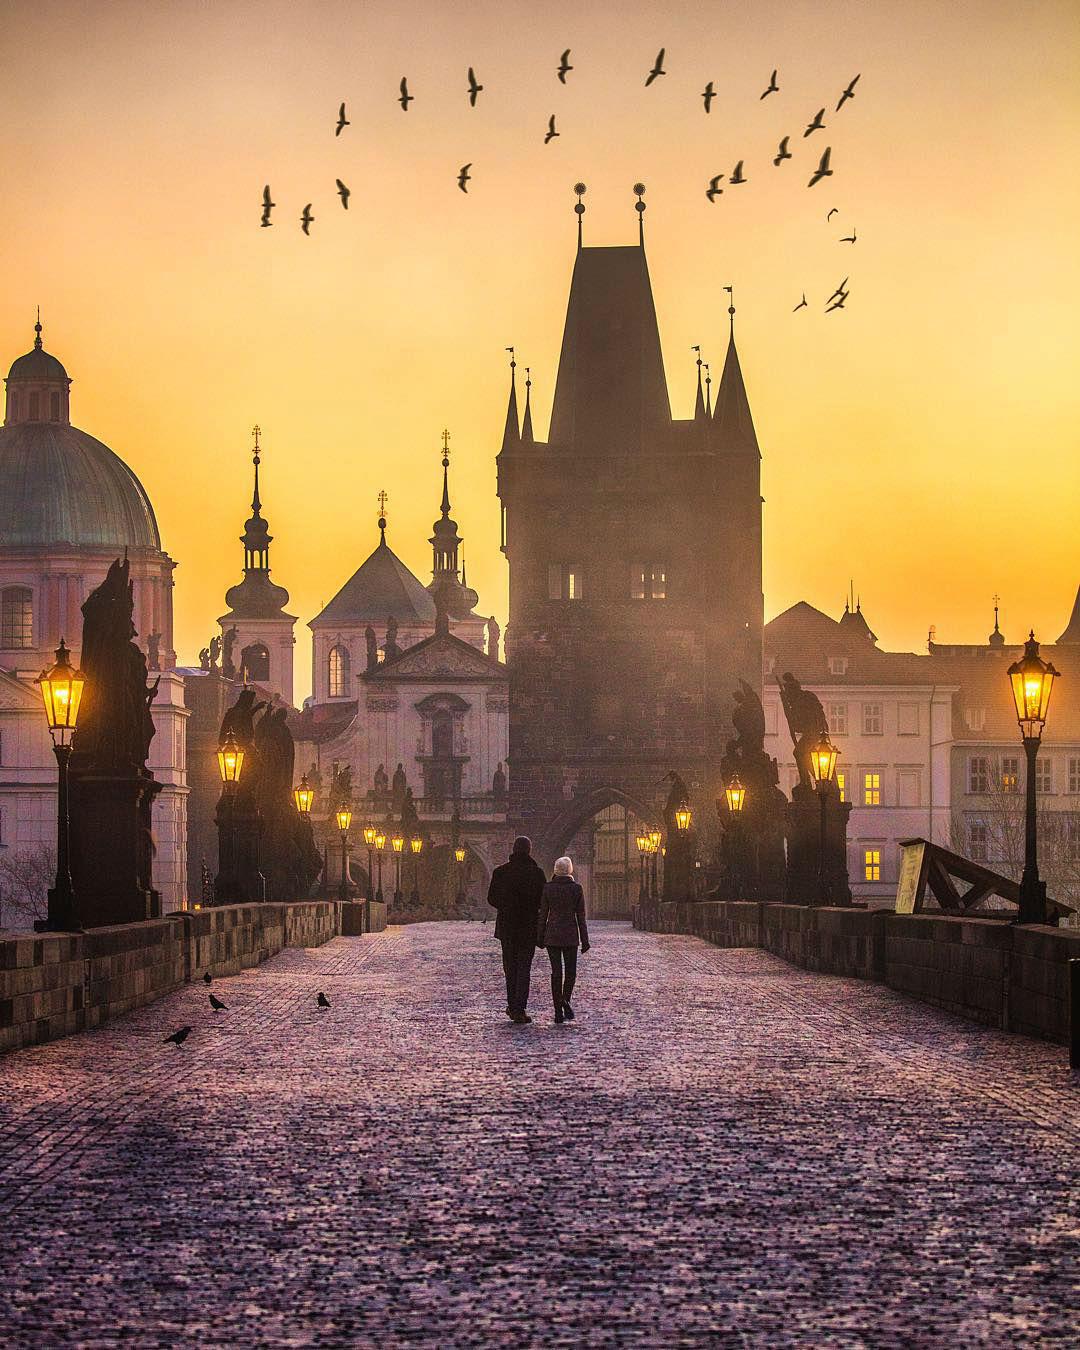 viaje alrededor del mundo con fotografías de paisajes surreales Jacob Riglin 010